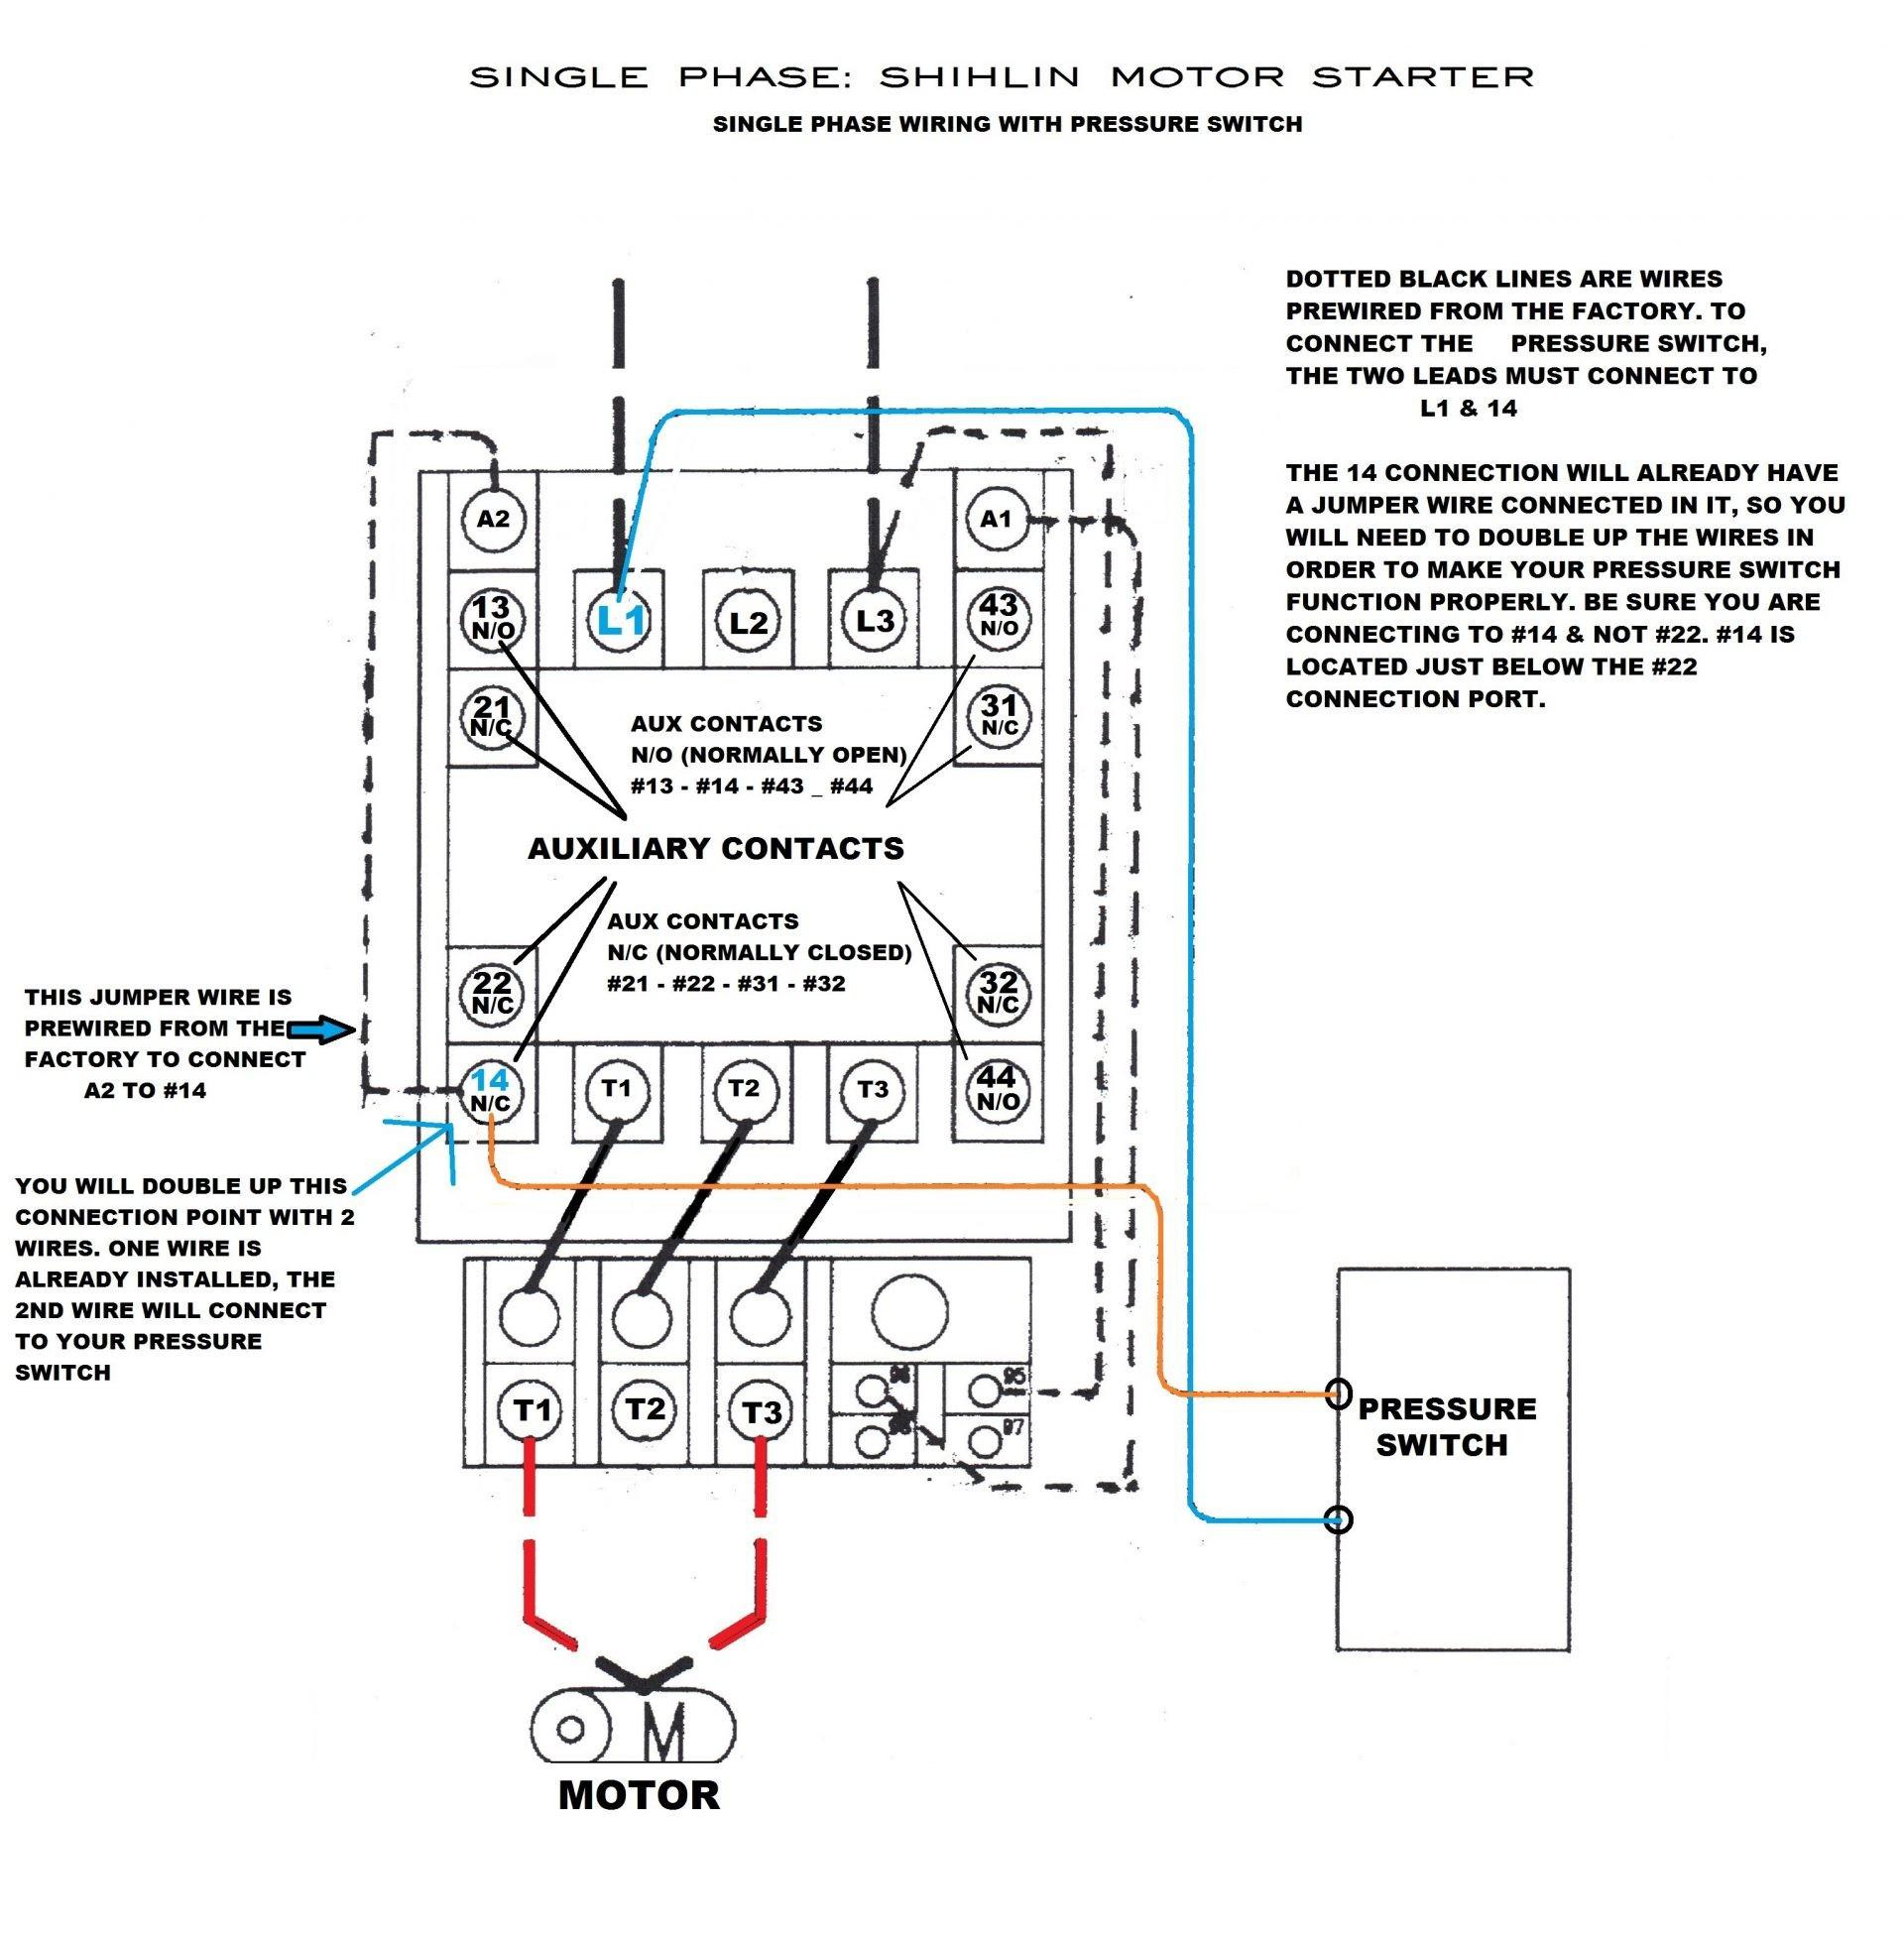 Motor Starter Wiring - Wiring Diagram Data - Motor Starter Wiring Diagram